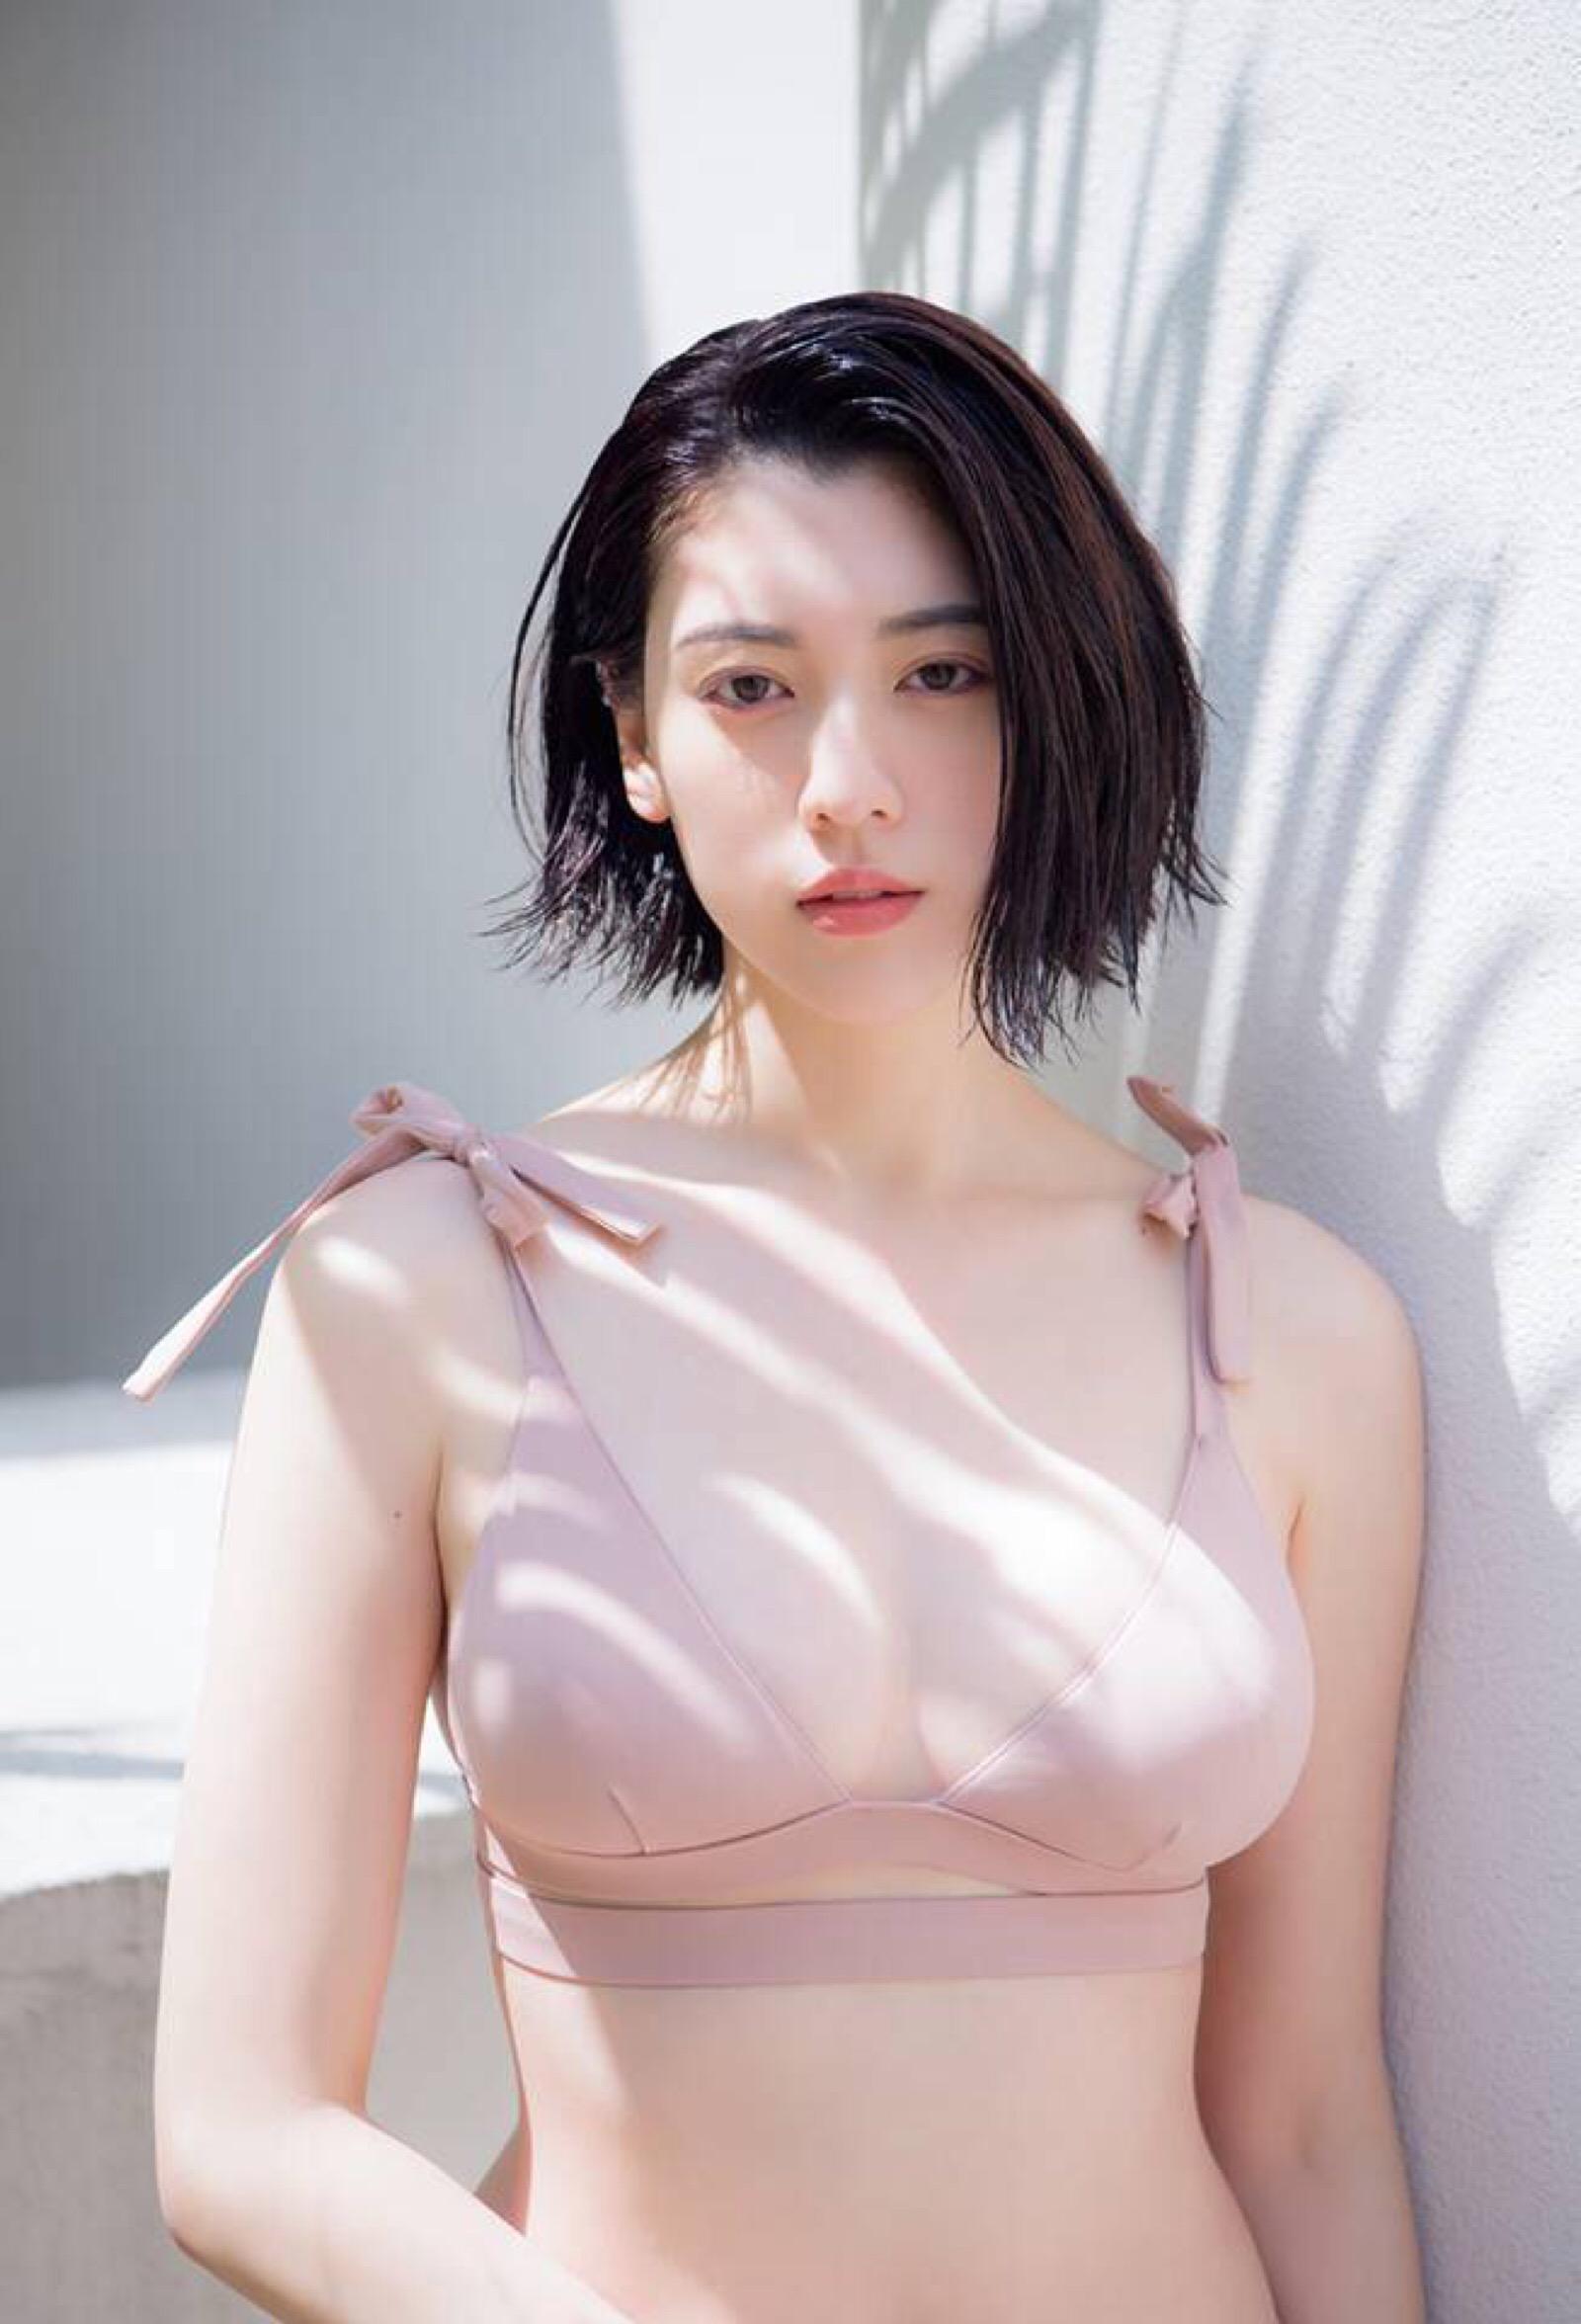 三吉彩花写真集